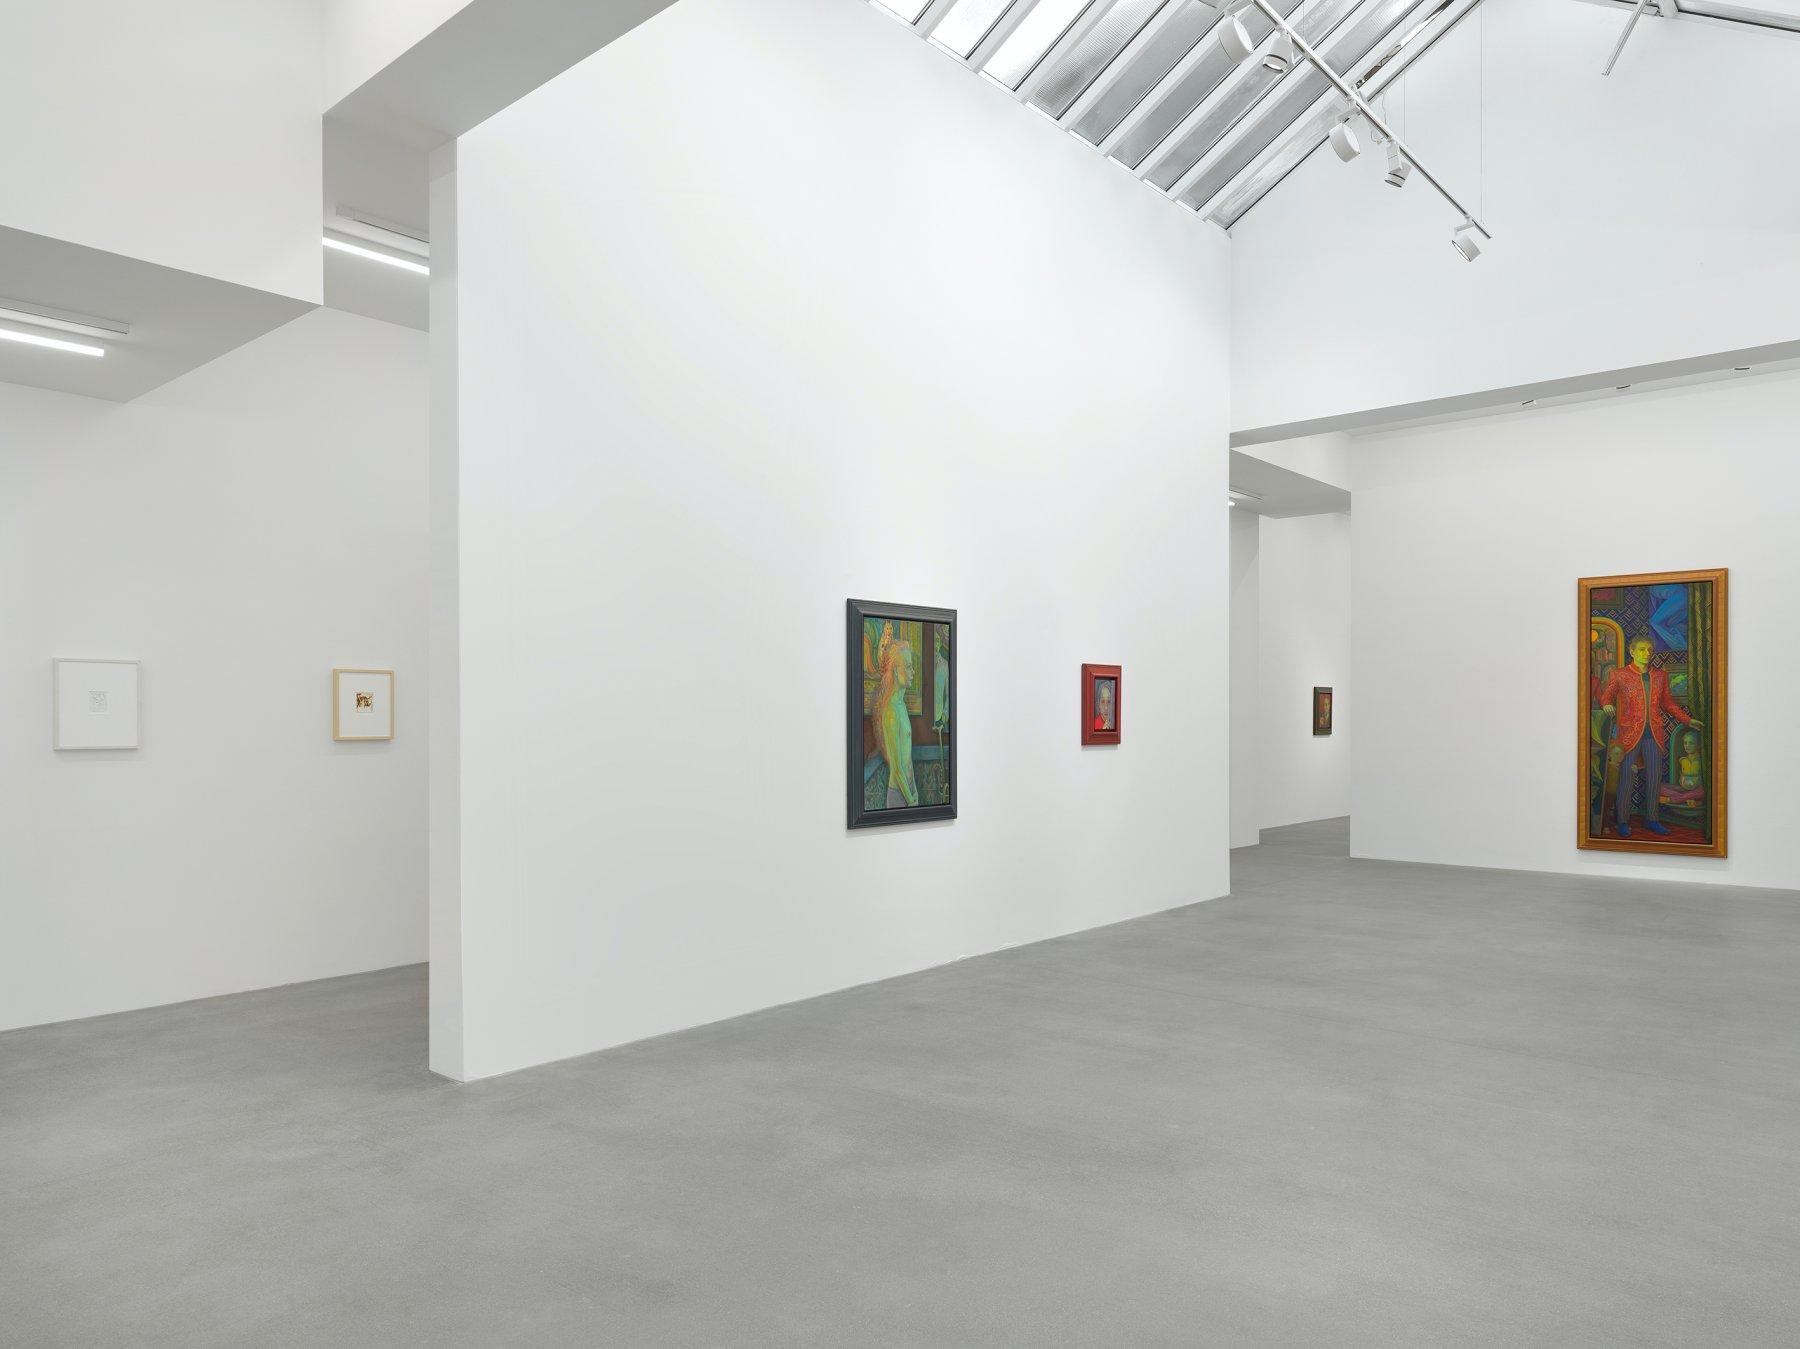 Galerie Eva Presenhuber Waldmannstrasse Steven Shearer 1